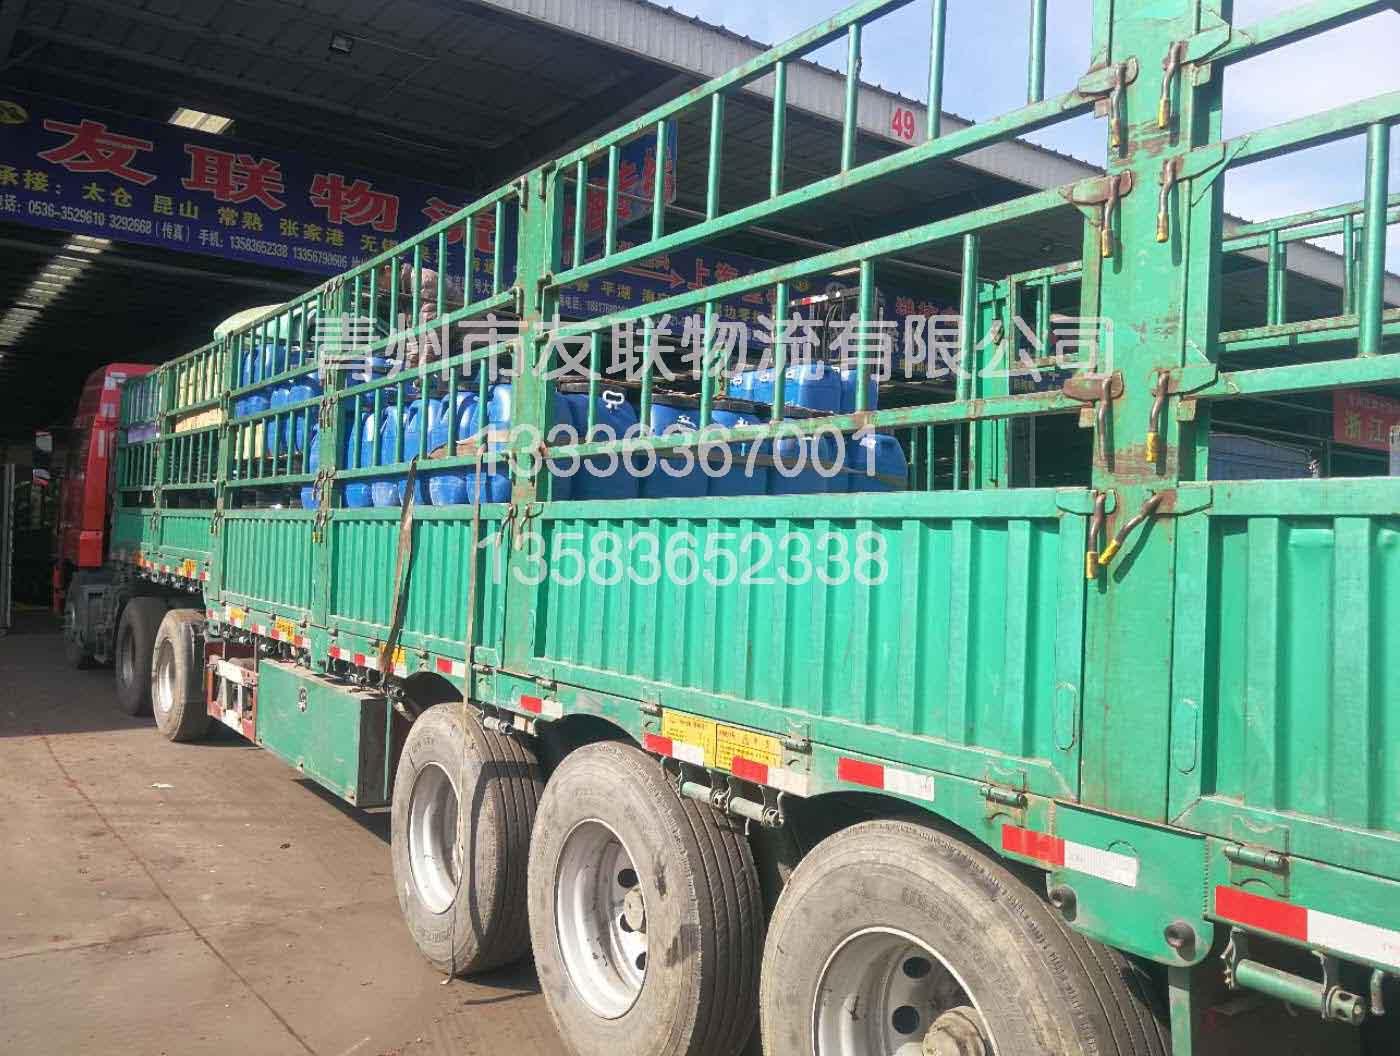 【CALL ME!】山东至上海往返专线,山东至上海物流货物